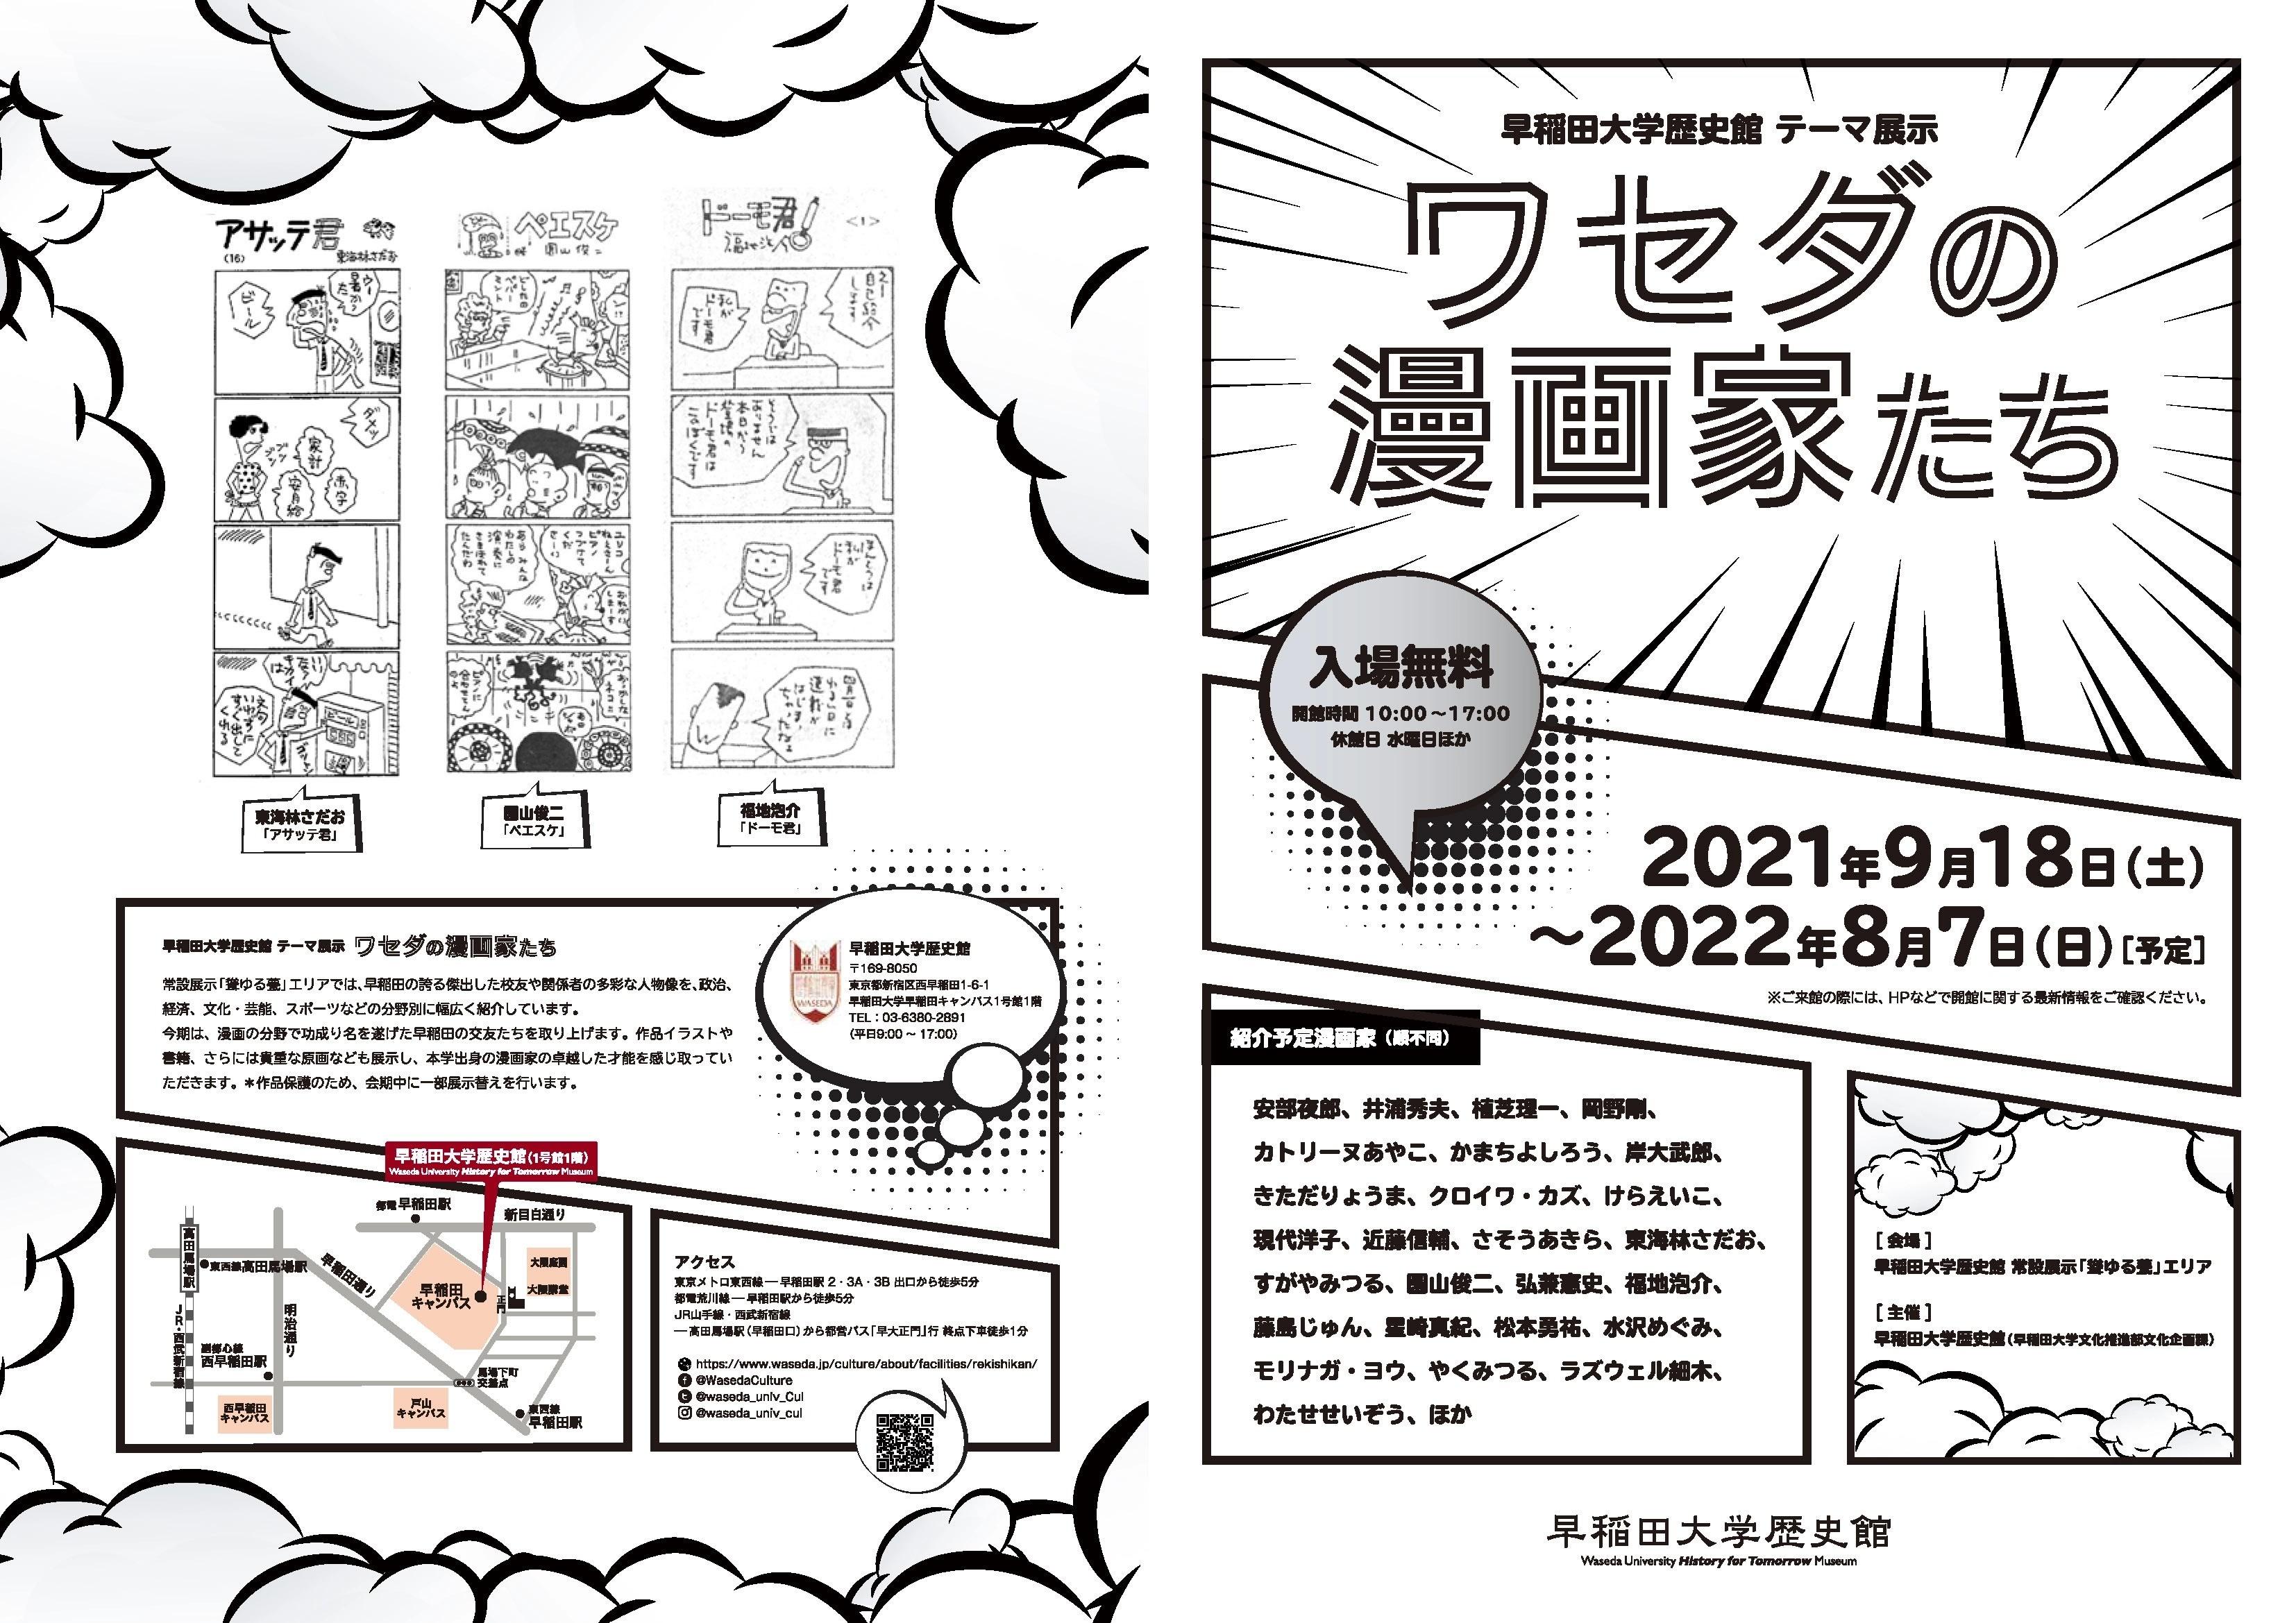 早稲田大学歴史館 テーマ展示「ワセダの漫画家たち」